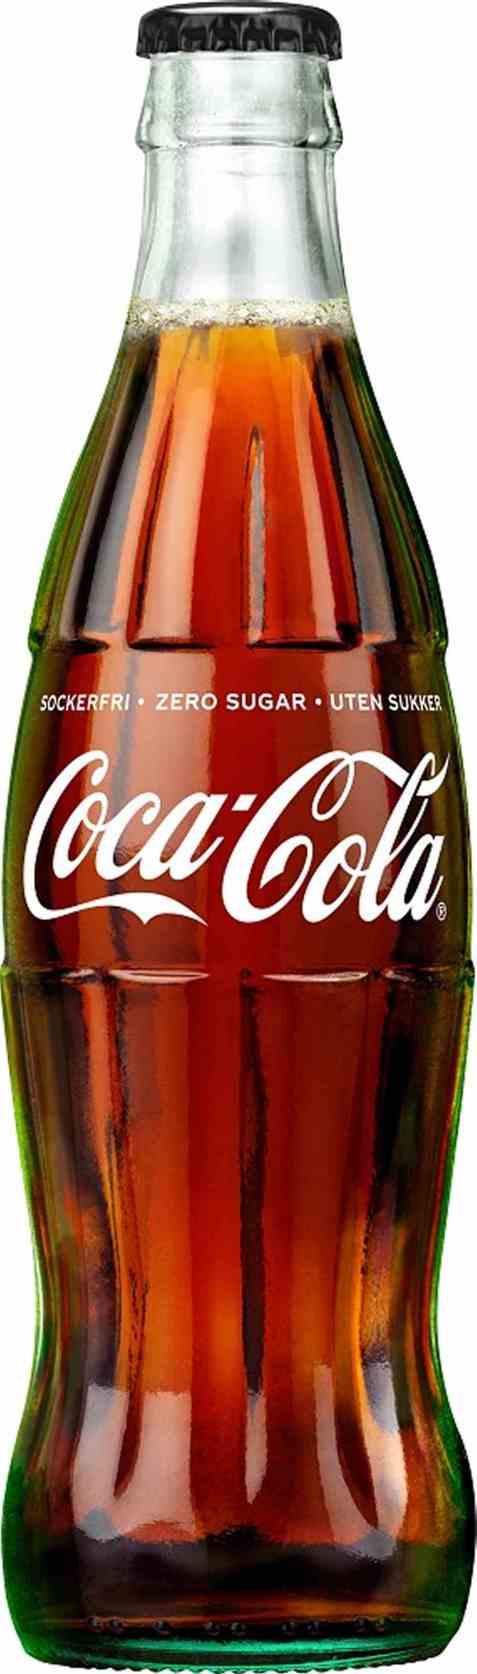 Bilde av Coca Cola uten sukker glass 0,33.